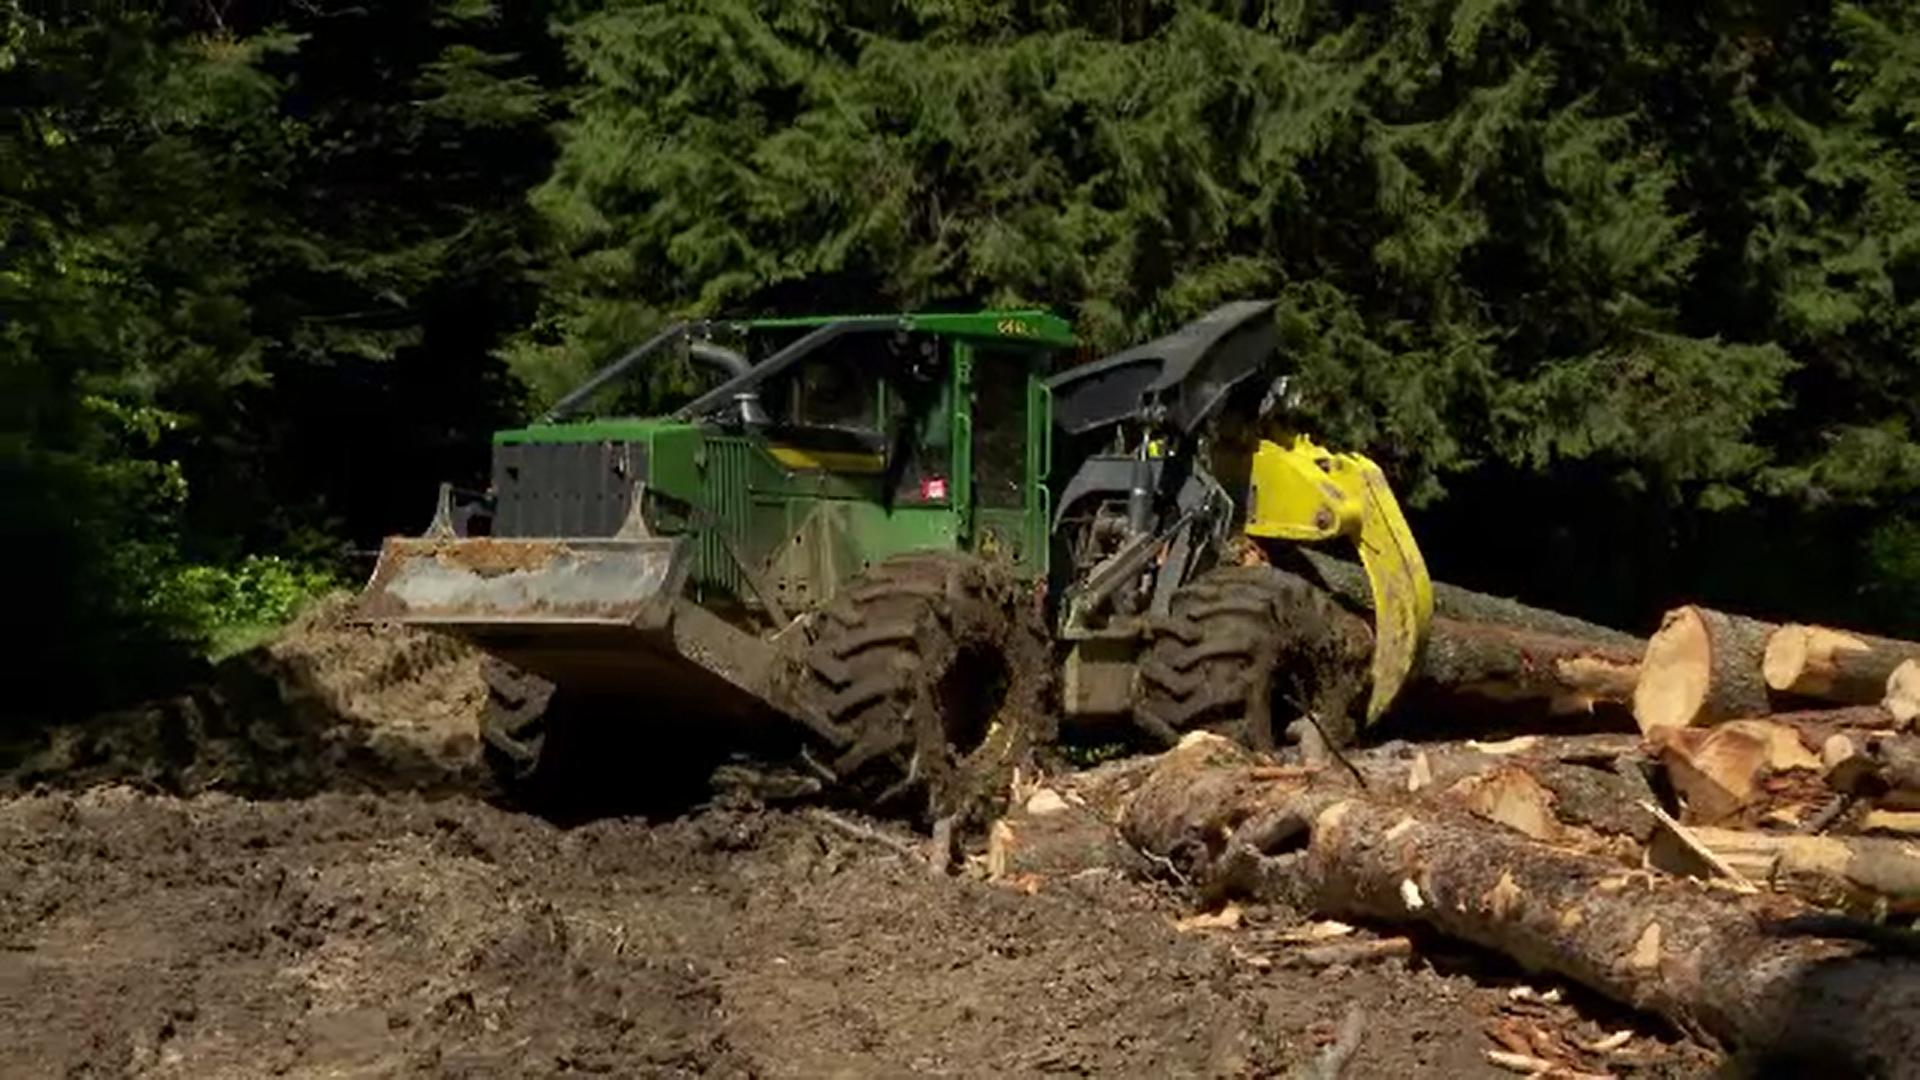 Protest în parcul natural Bucegi. O firmă forestieră taie de câteva luni sute de arbori bătrâni dintr-o pădure